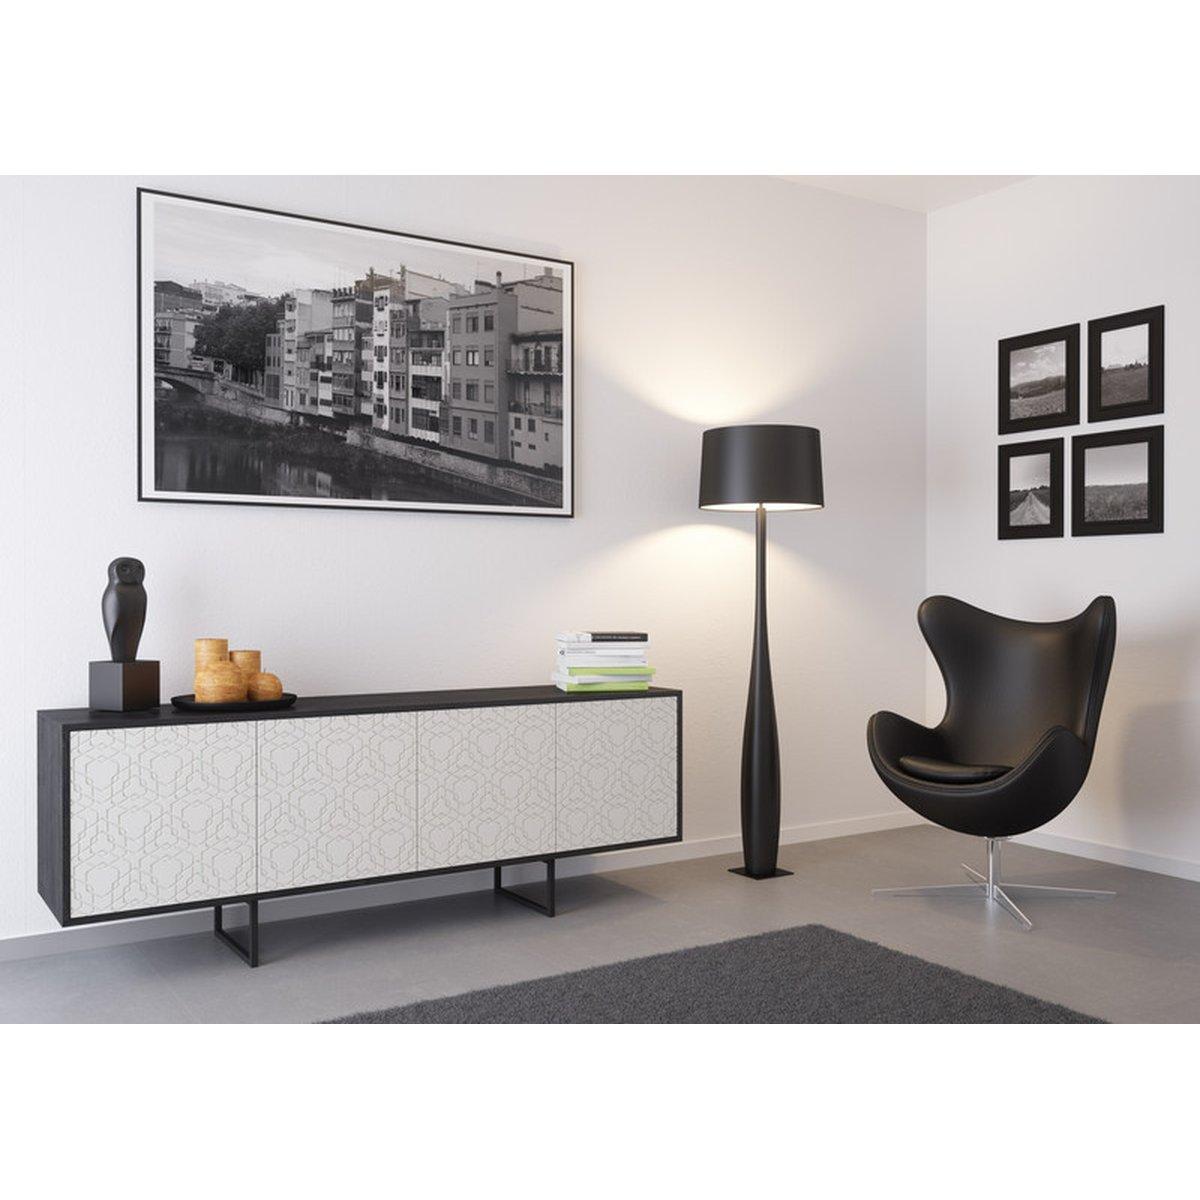 Kommode Sideboard Lowboard Anrichte Wohnzimmer Schrank Holz Abato Fx